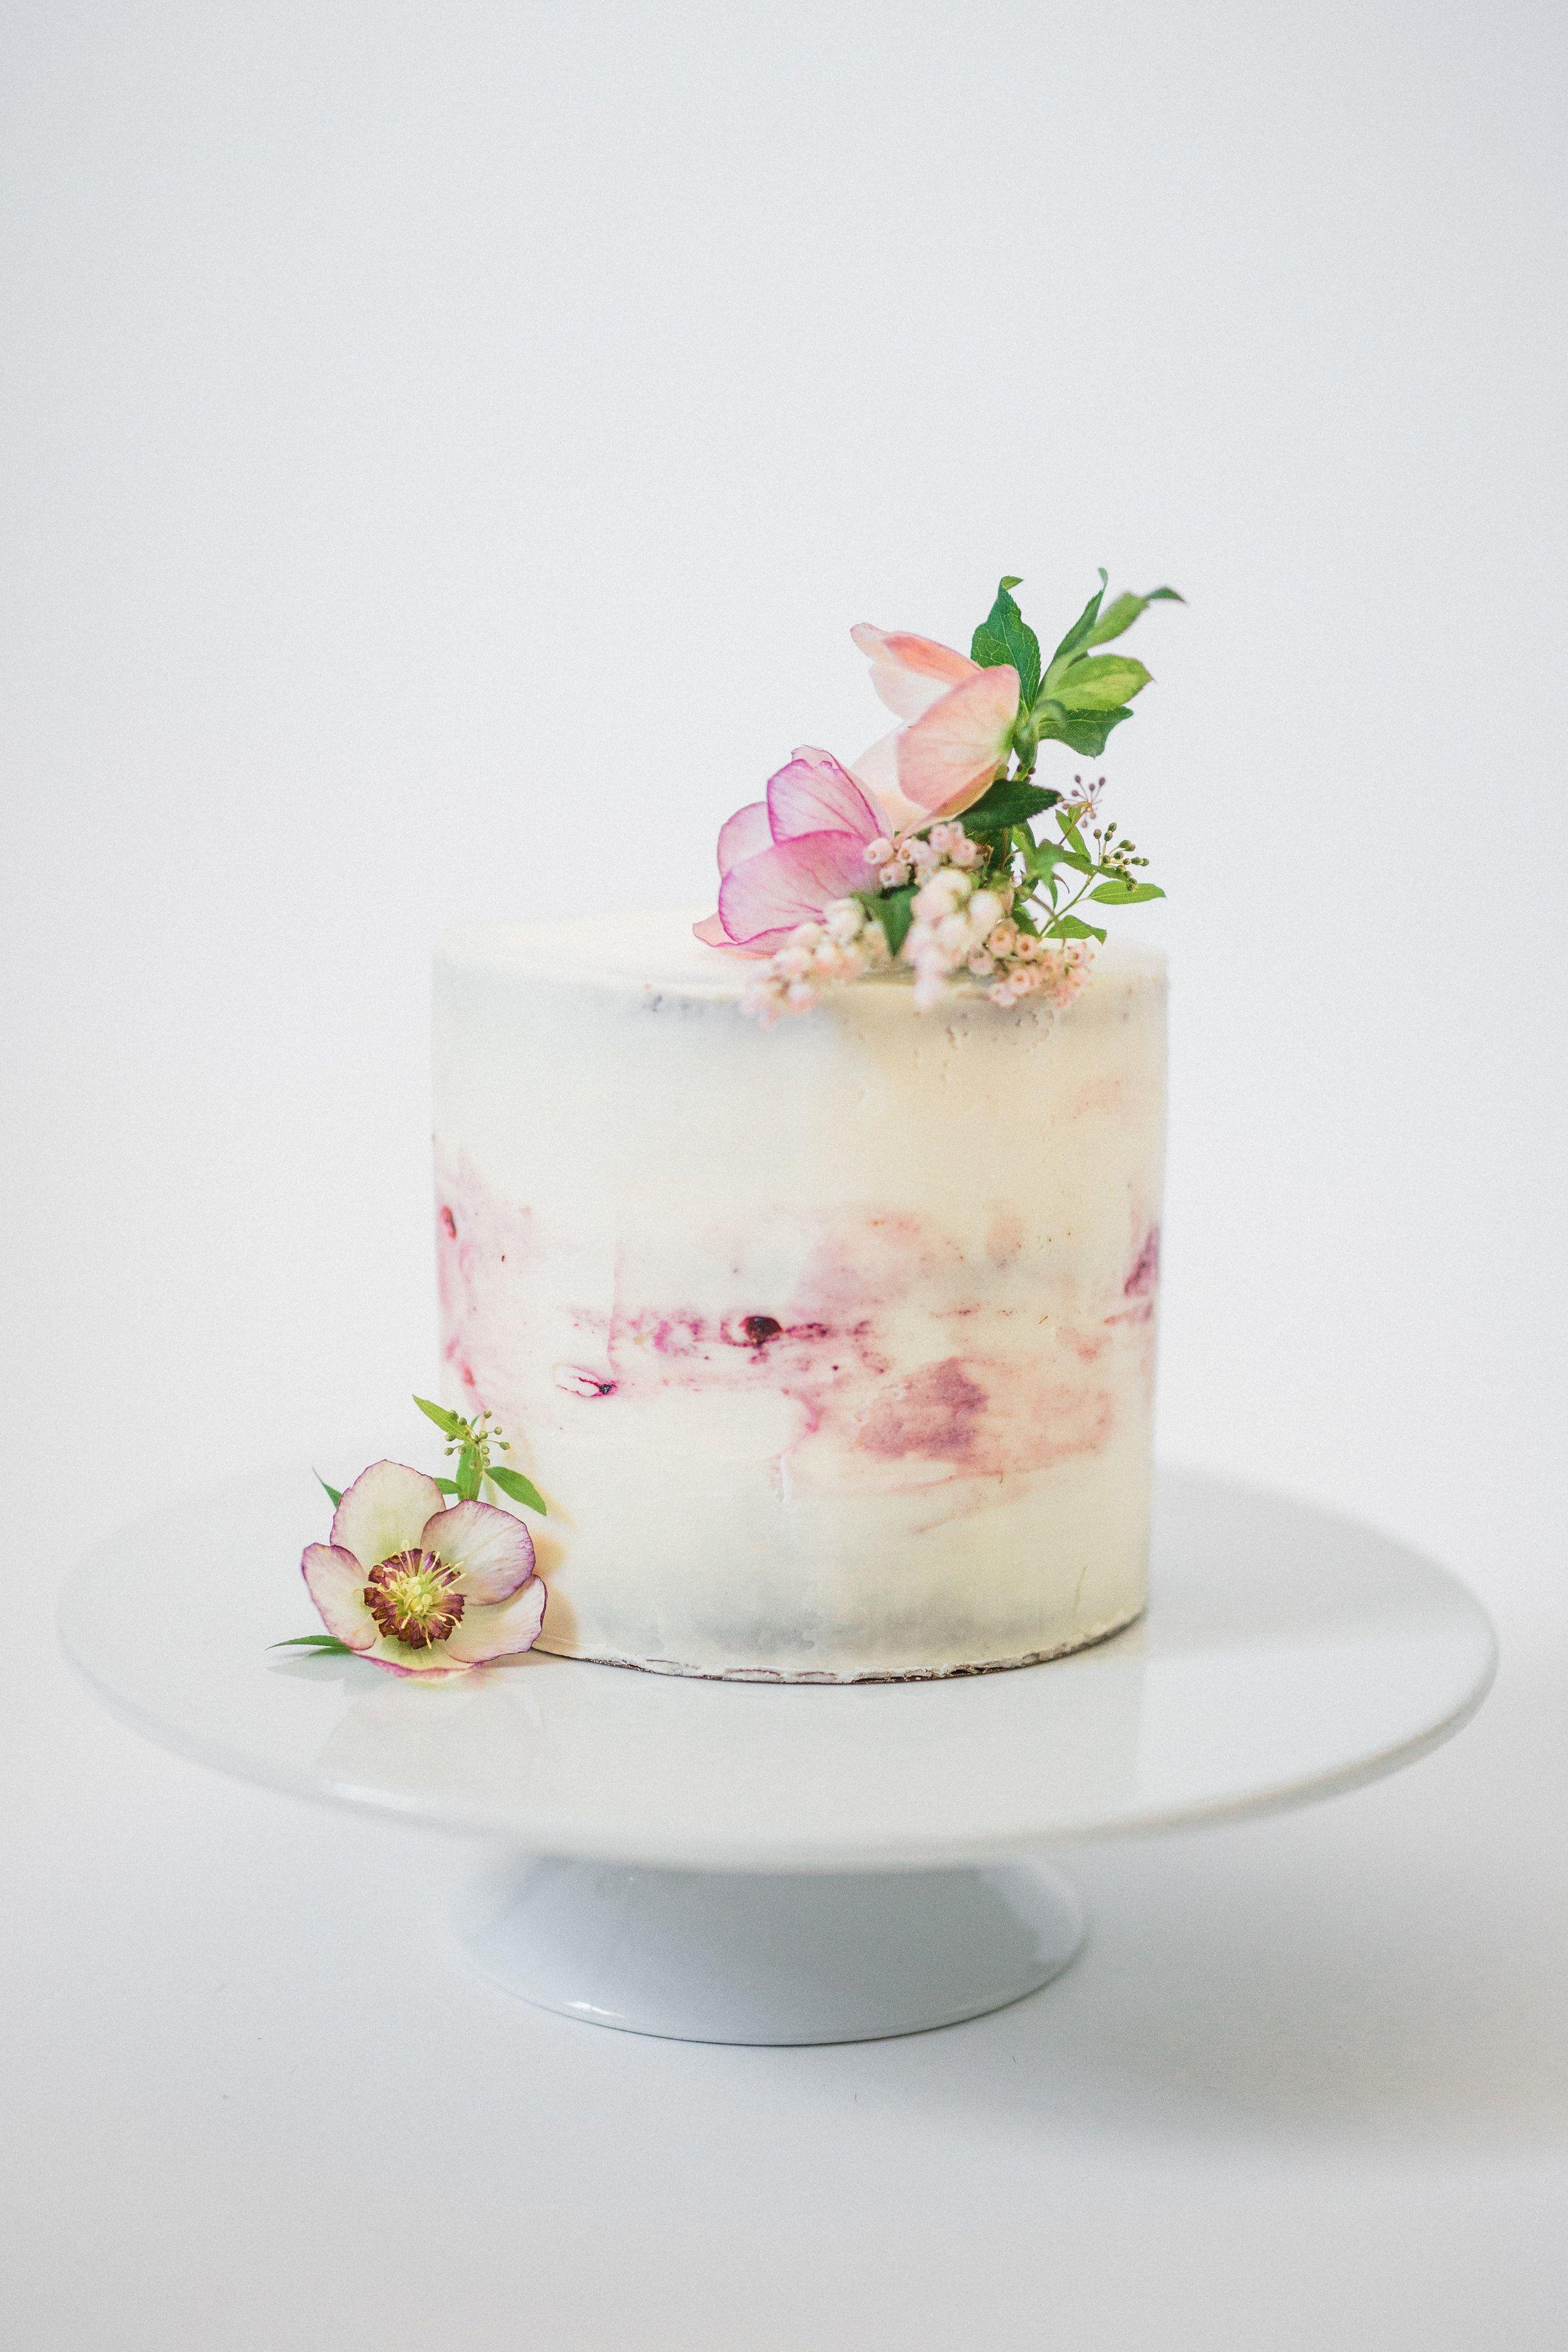 Darling onetier naked wedding cake weddingcakedecorations cake